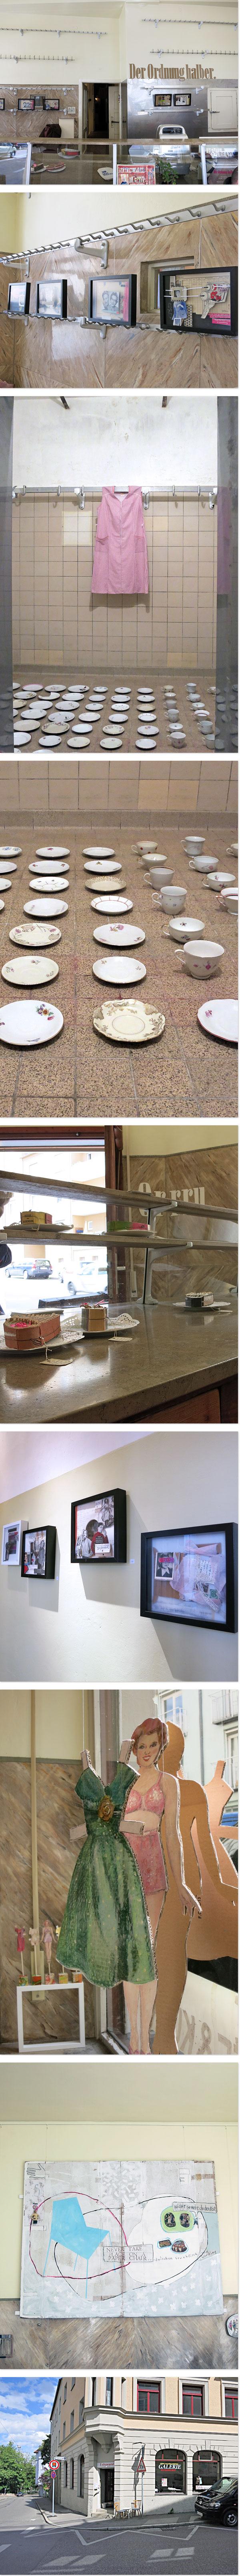 Extrawurst - die Kunstgalerie in einer ehemaligen Metzgerei